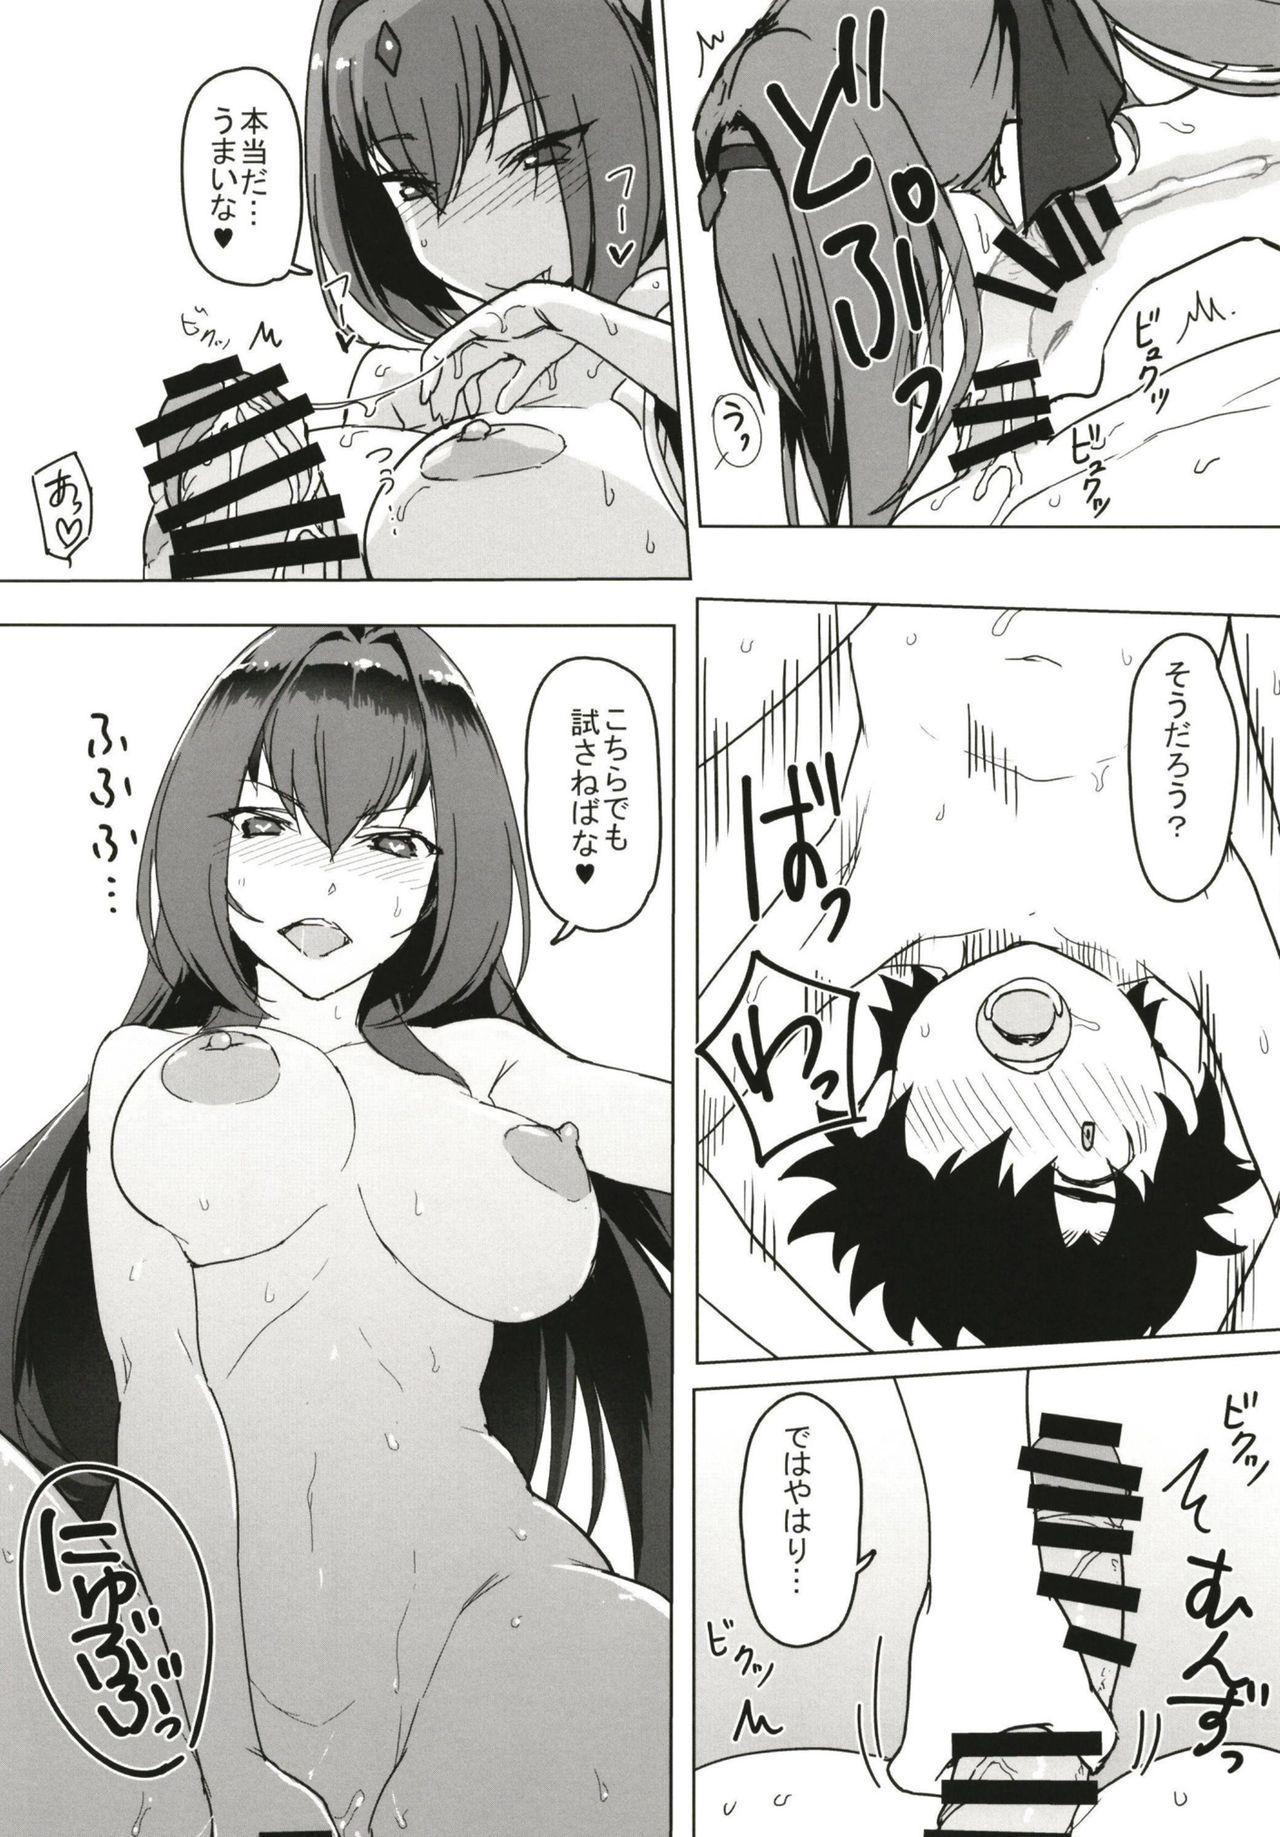 Shota ni Natta Master o OneShotax de Chiryou Suru Hon 7